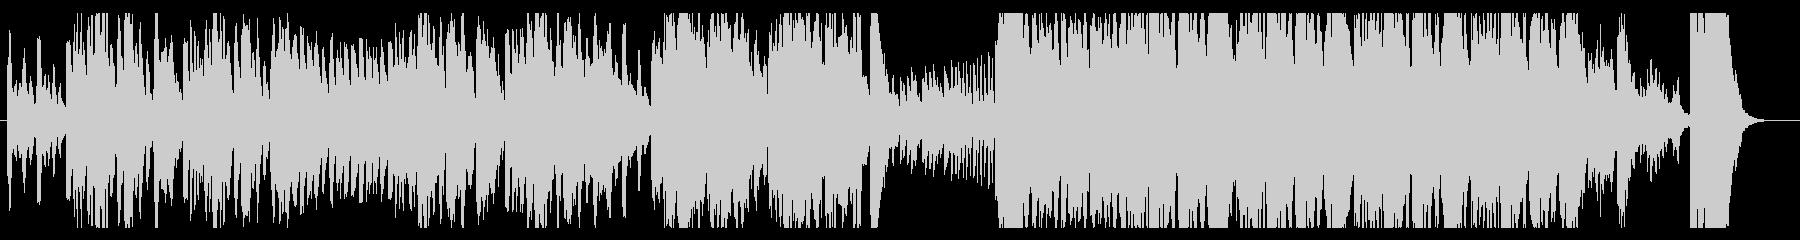 とぼけた雰囲気のあるオーケストラ曲の未再生の波形